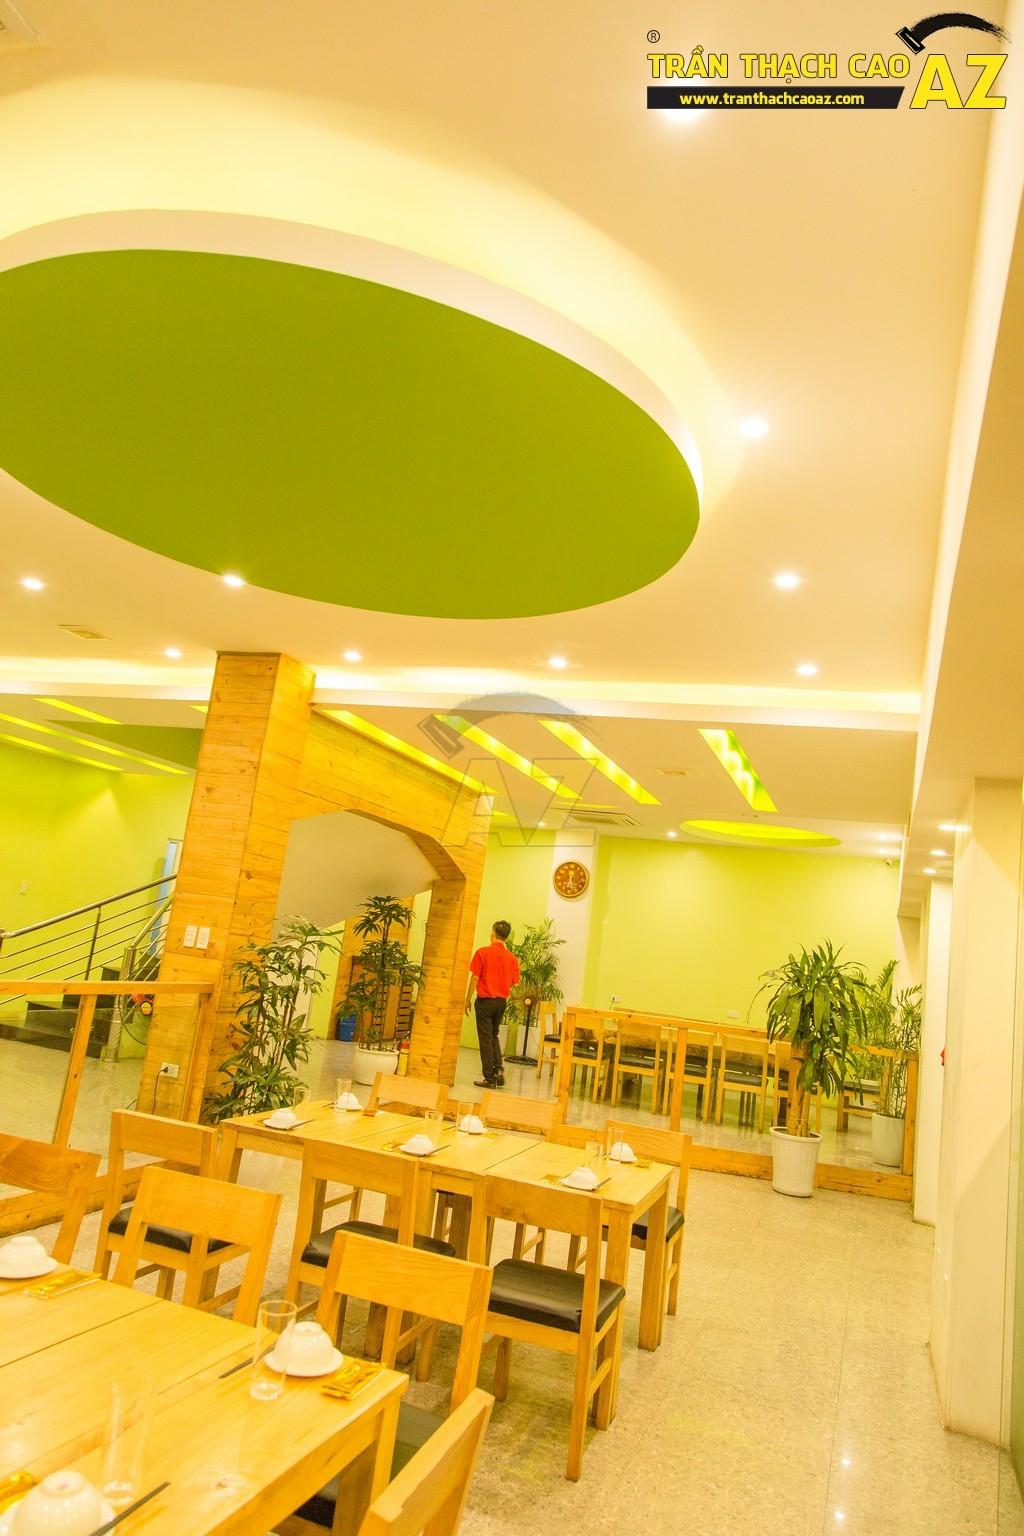 Trần thạch cao đẹp xuất sắc với cách phối màu hoàn hảo của nhà hàng Thắm Hùng - 02